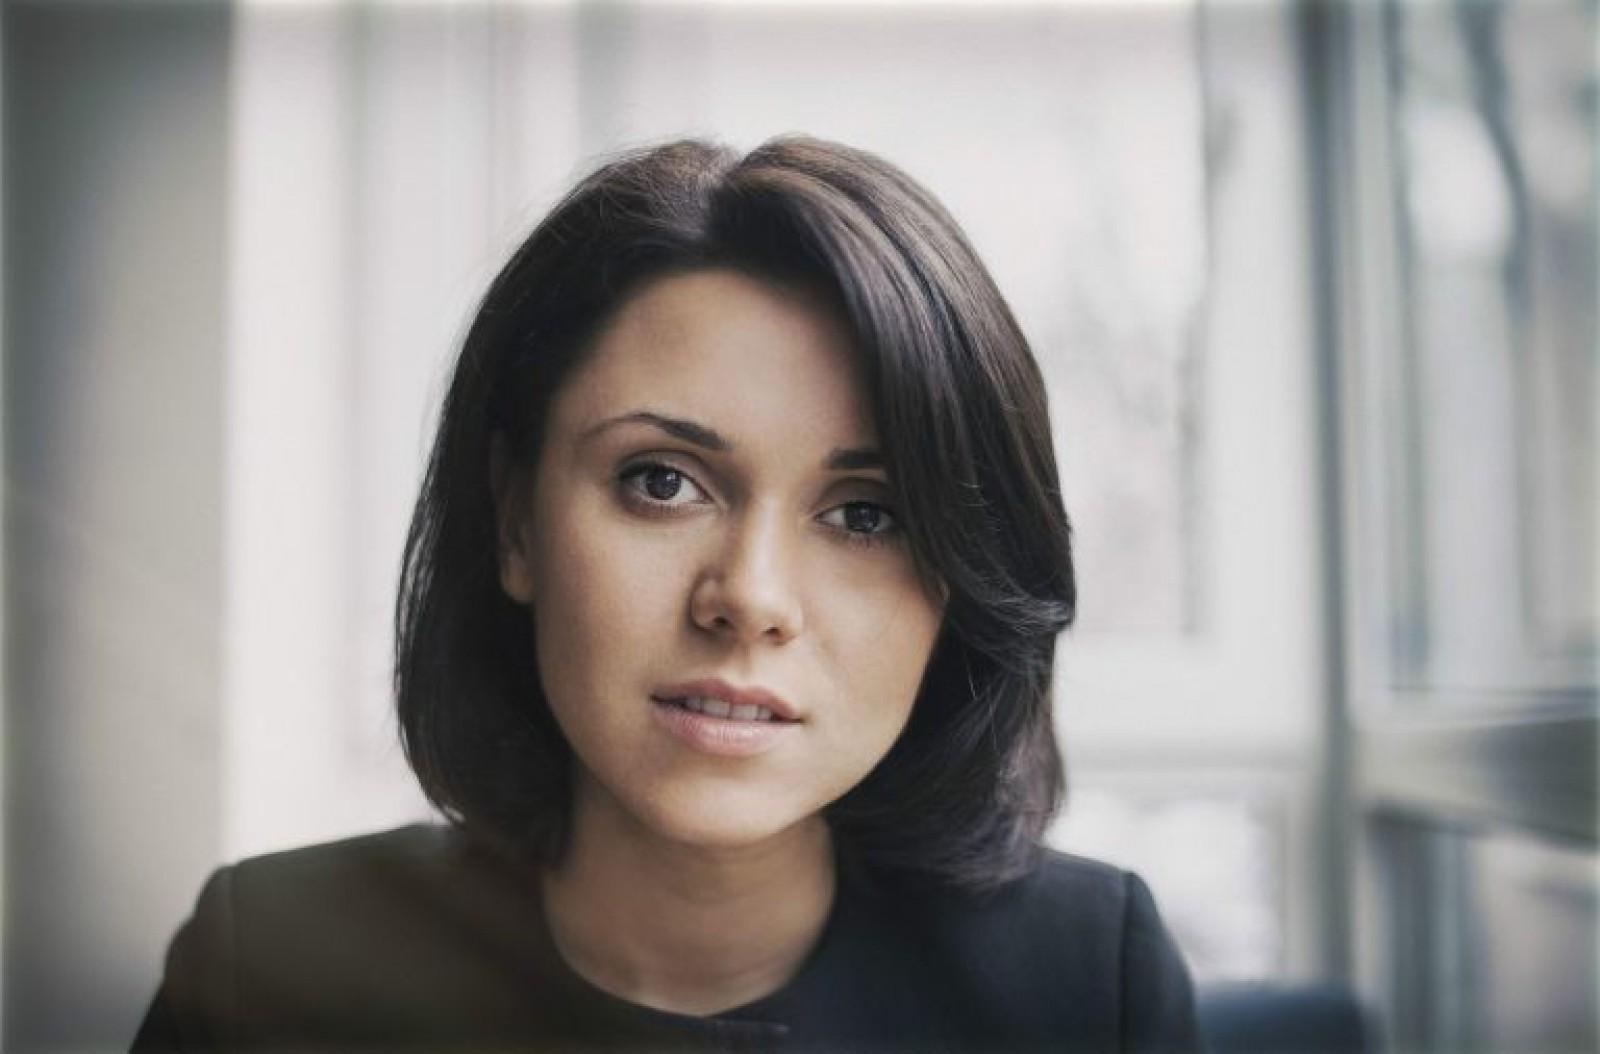 """Articolul care i-a schimbat viața Nataliei Morari: """"Dacă n-ar fi avut loc acea expulzare, probabil, nu aș mai fi revenit în Moldova niciodată"""""""